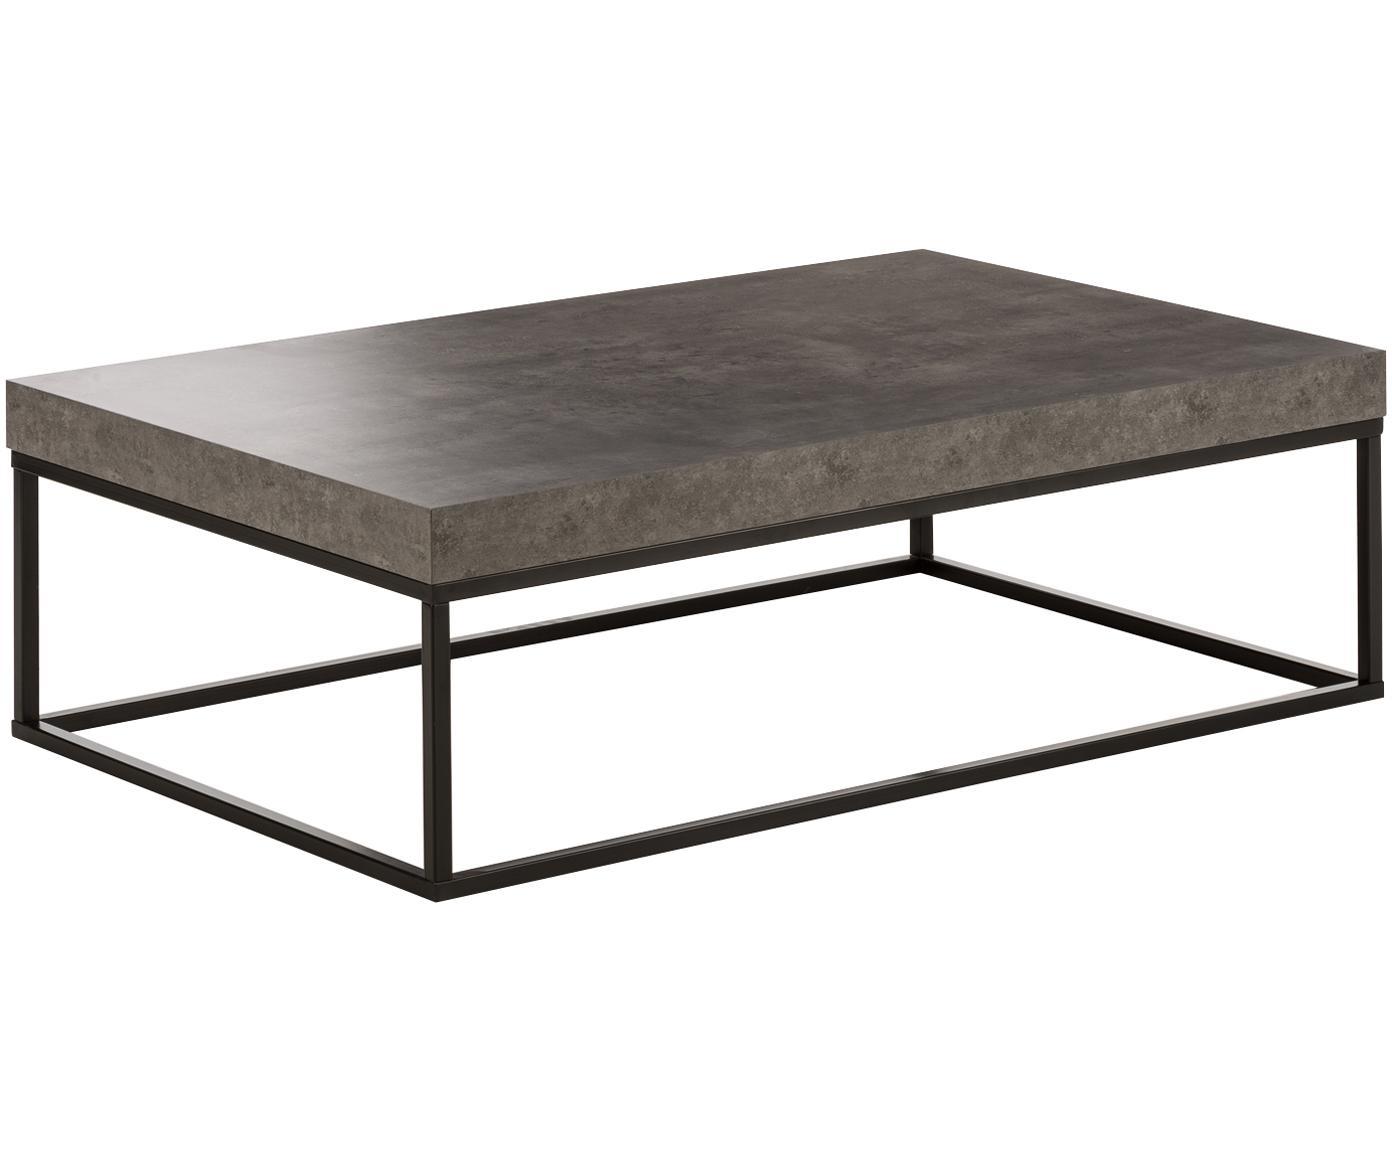 Couchtisch Ellis in Betonoptik, Tischplatte: Leichtbau-Wabenstruktur, , Gestell: Metall, lackiert, Schwarz, Betonfarben, B 120 x T 75 cm